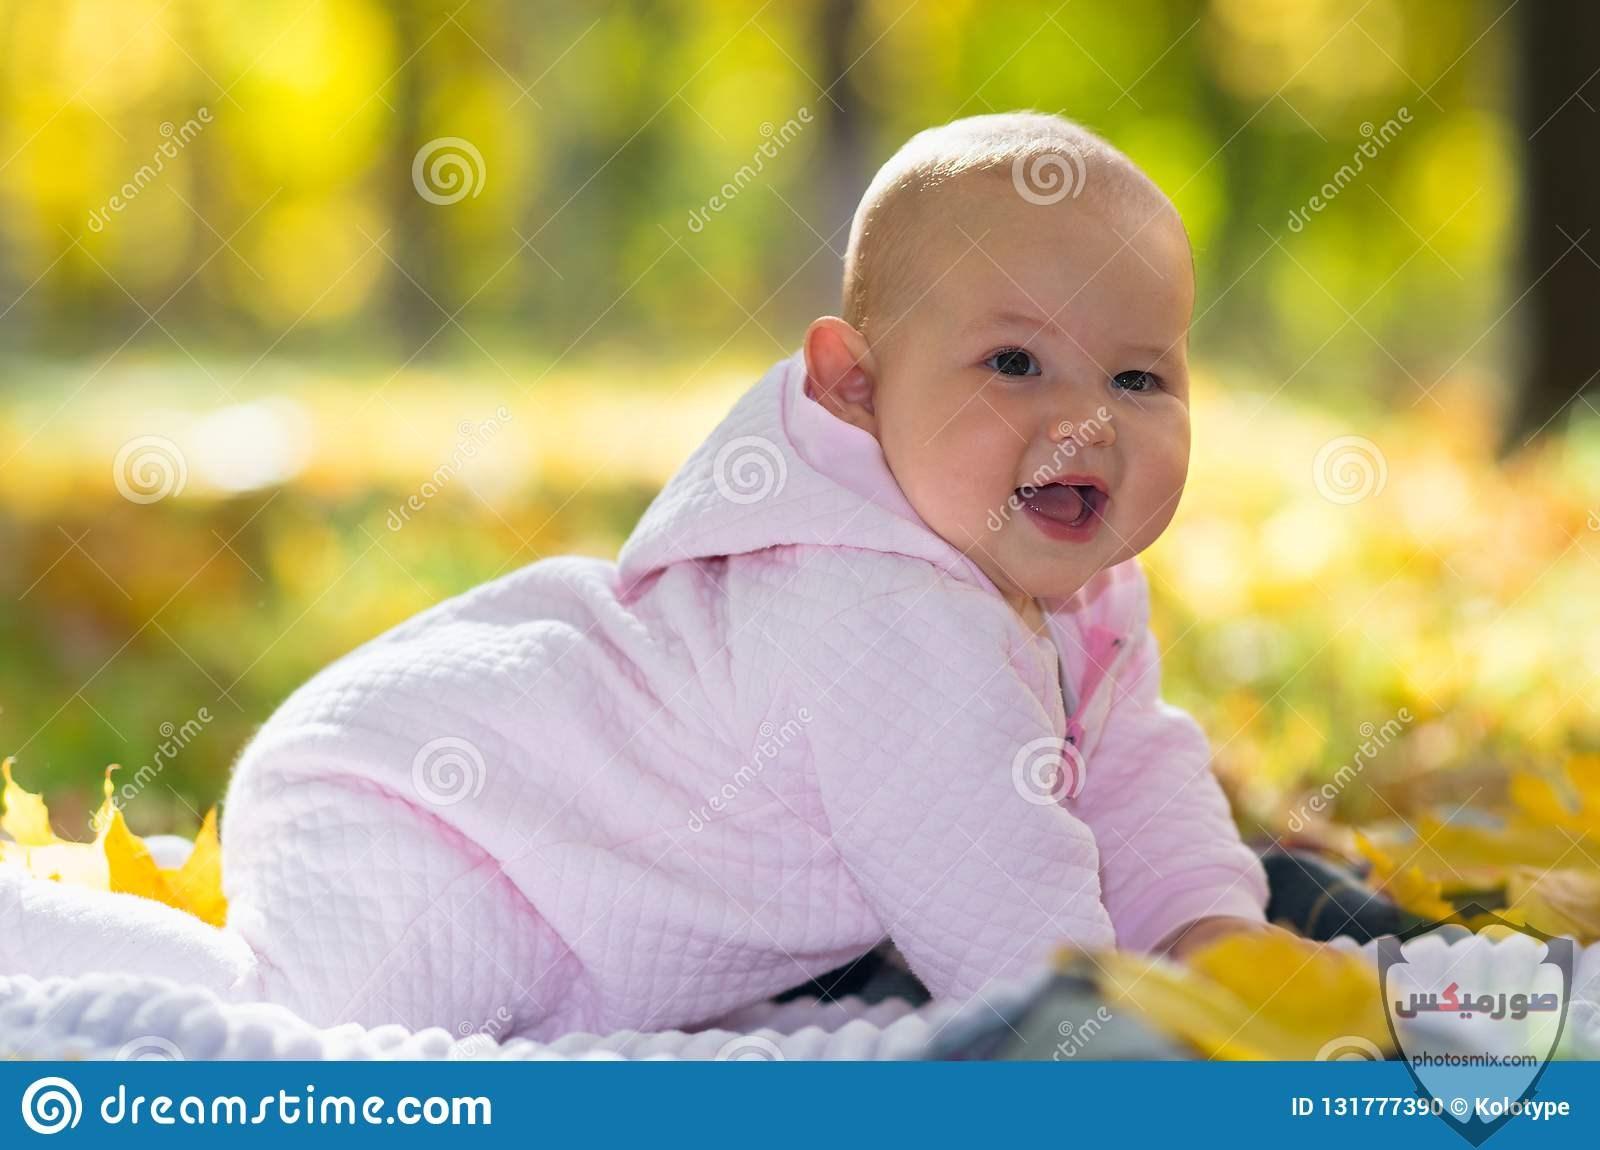 صور اطفال 2021 تحميل اكثر من 100 صور اطفال جميلة صور اطفال روعة 2020 87 1